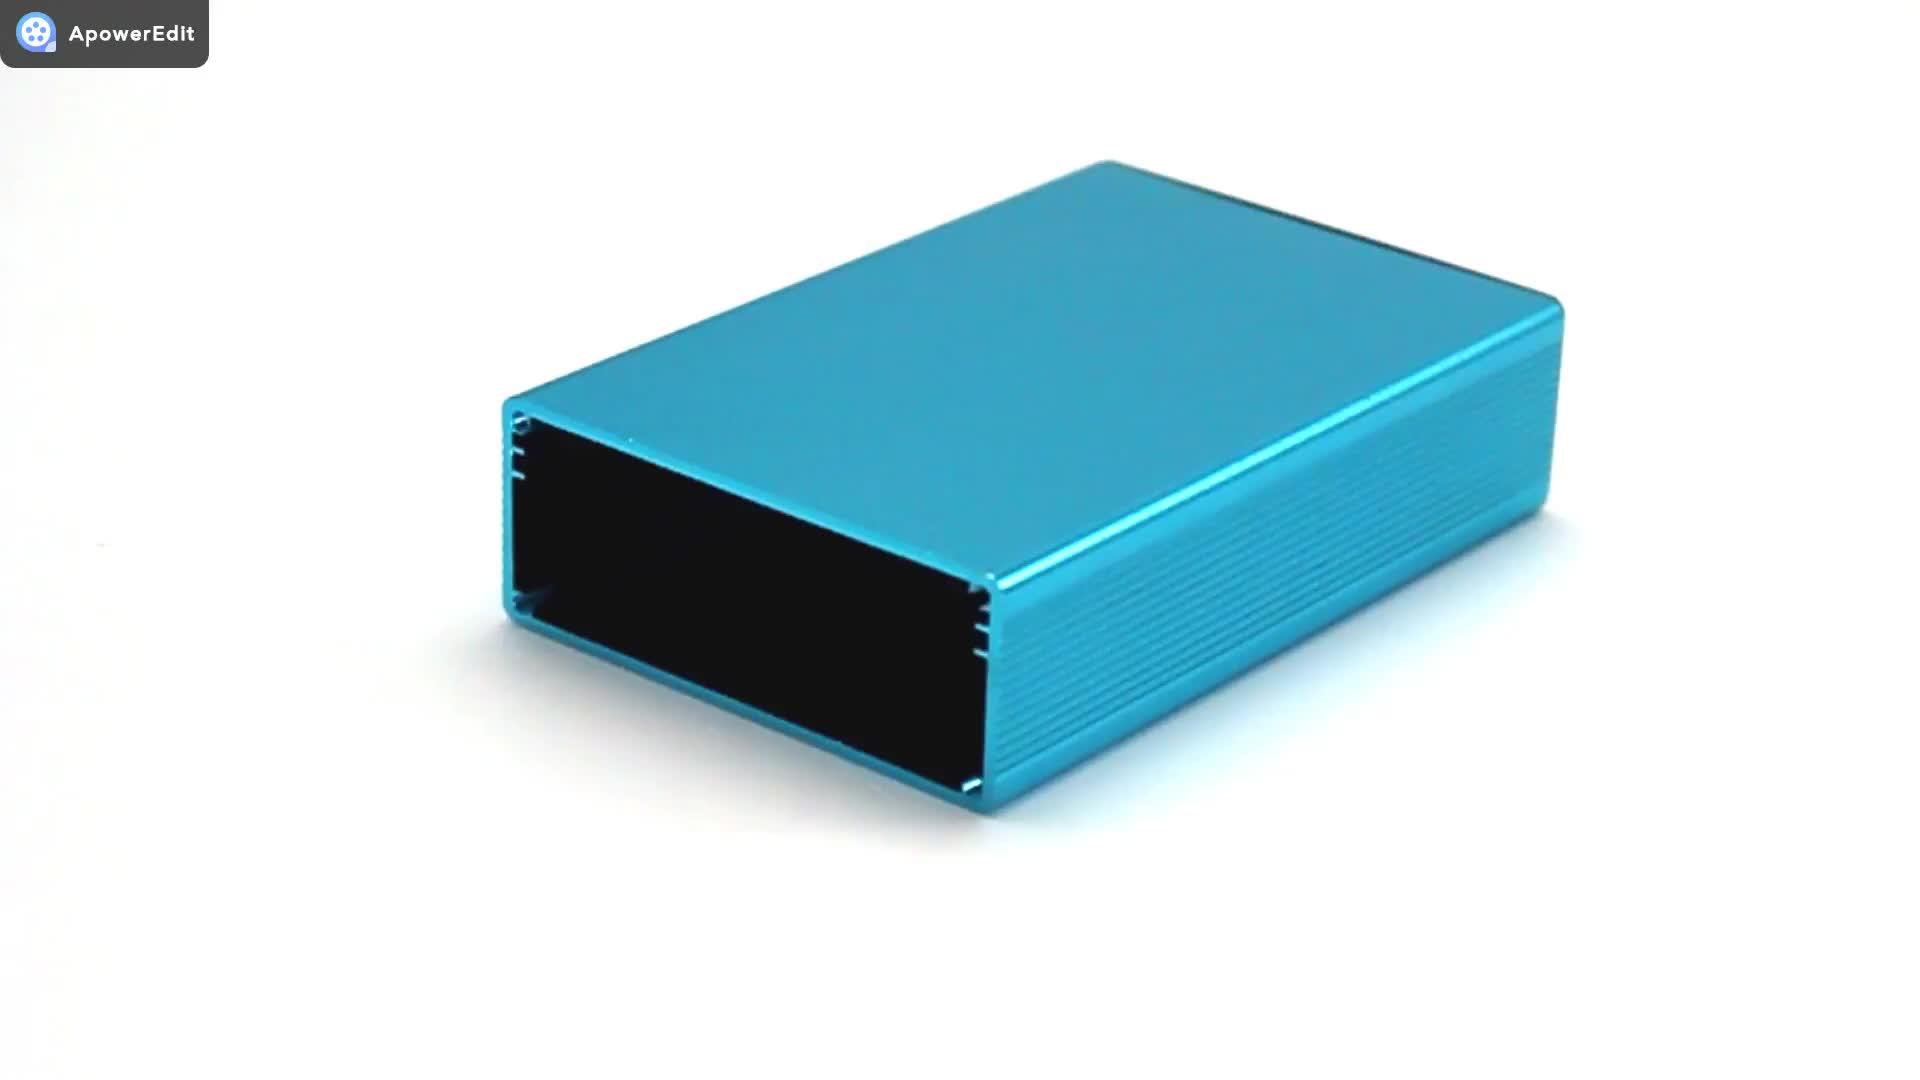 De perfil de aluminio, extrusión de aluminio caja para pcb inversor de fuente de alimentación